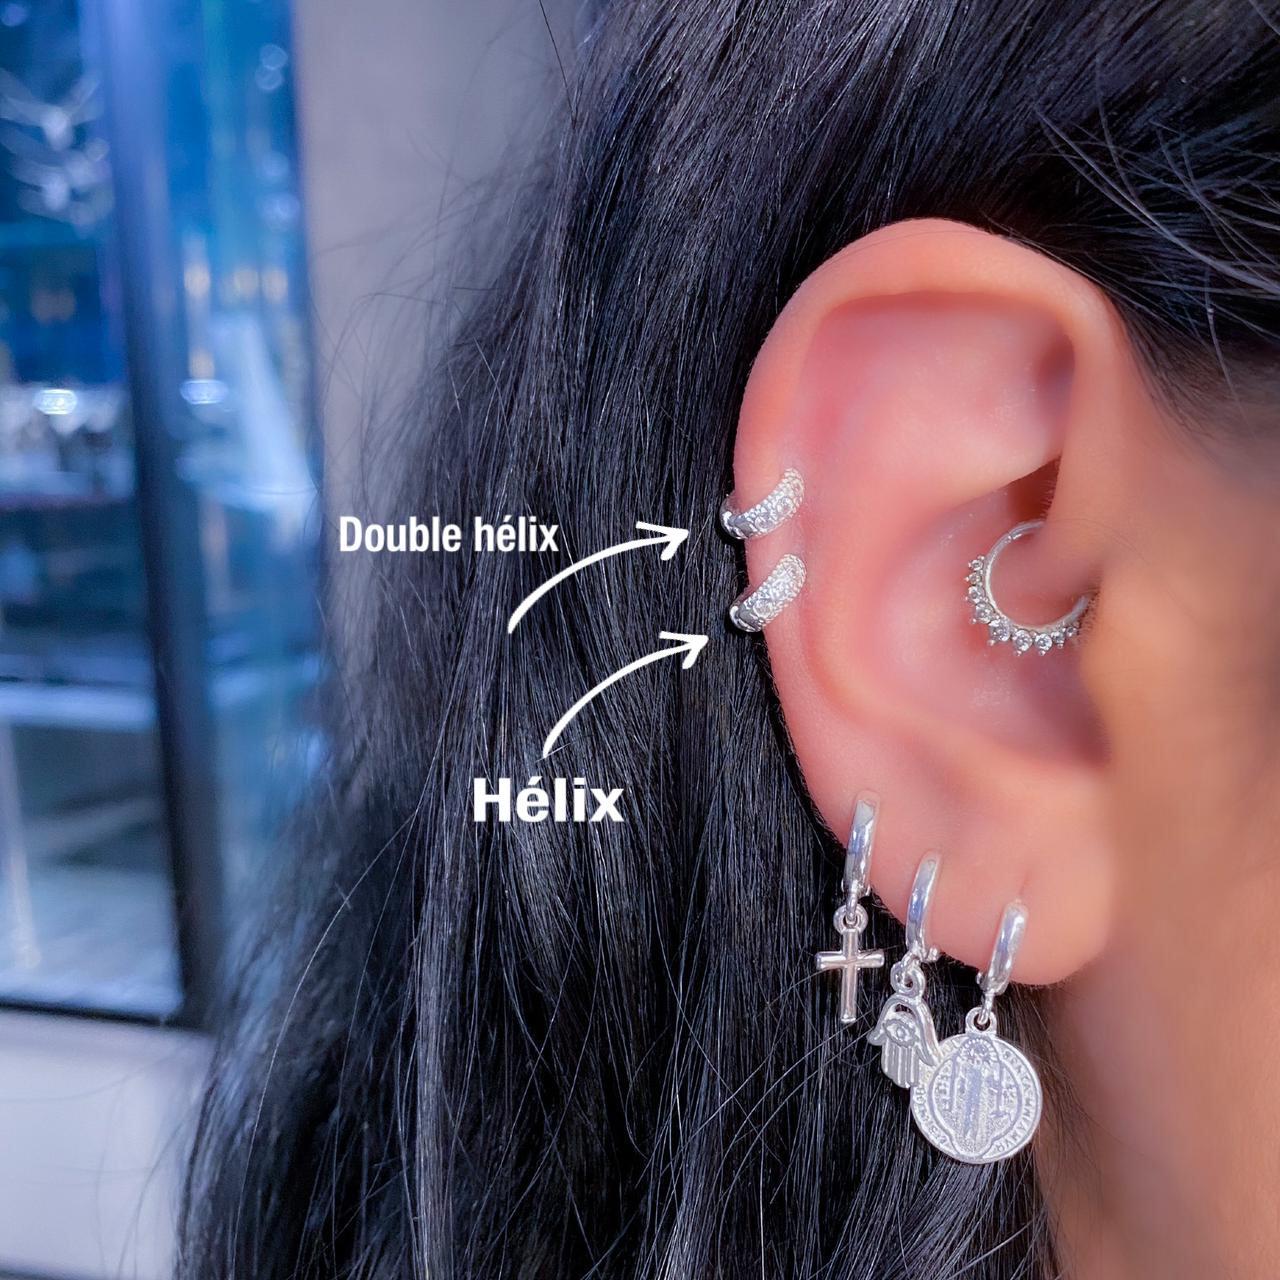 Piercing de Prata Orelha Helix com Zircônias Pequenas